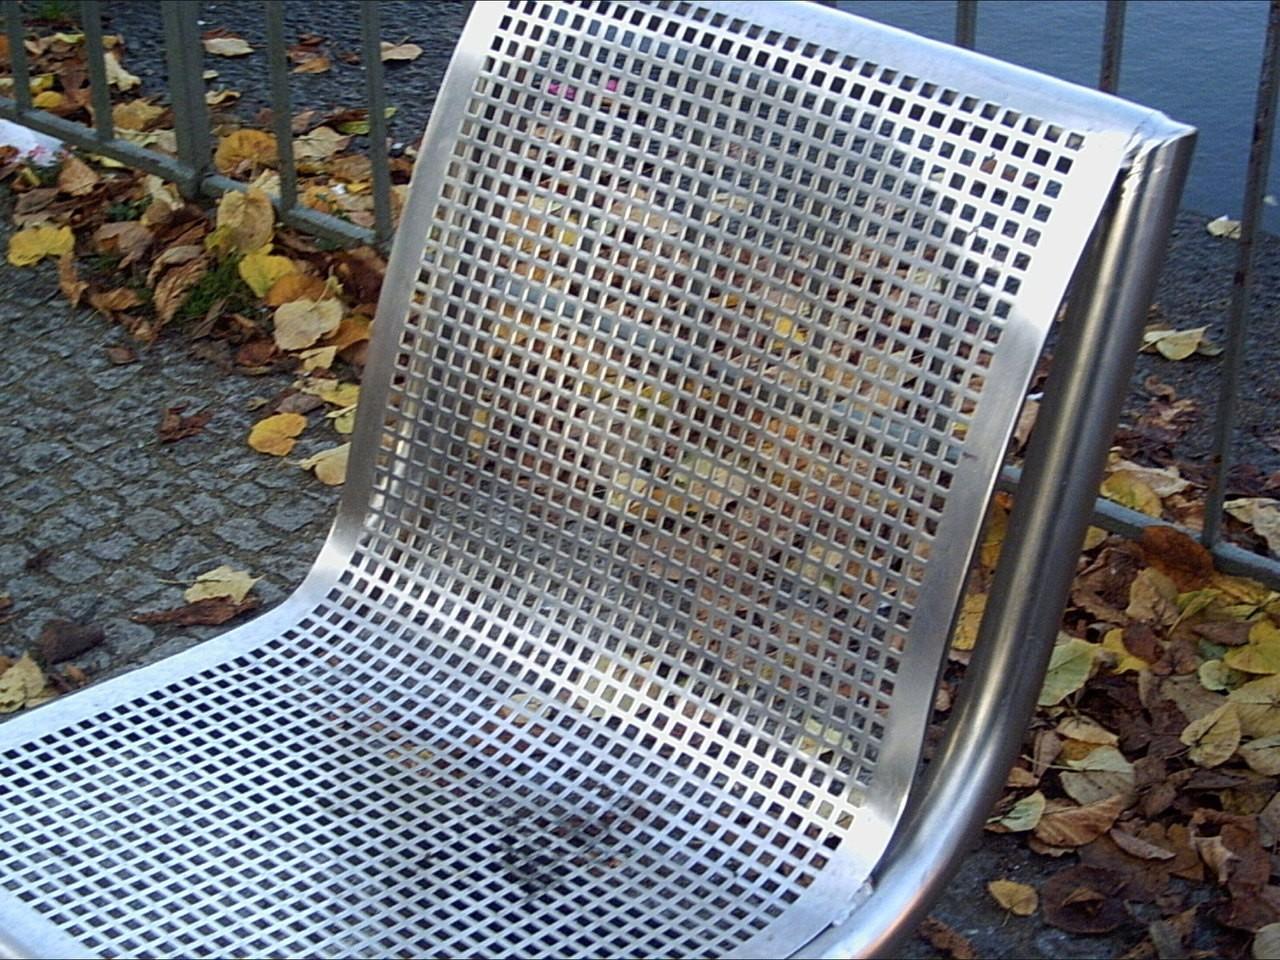 Krzesło, ławka, a może jednak sofa